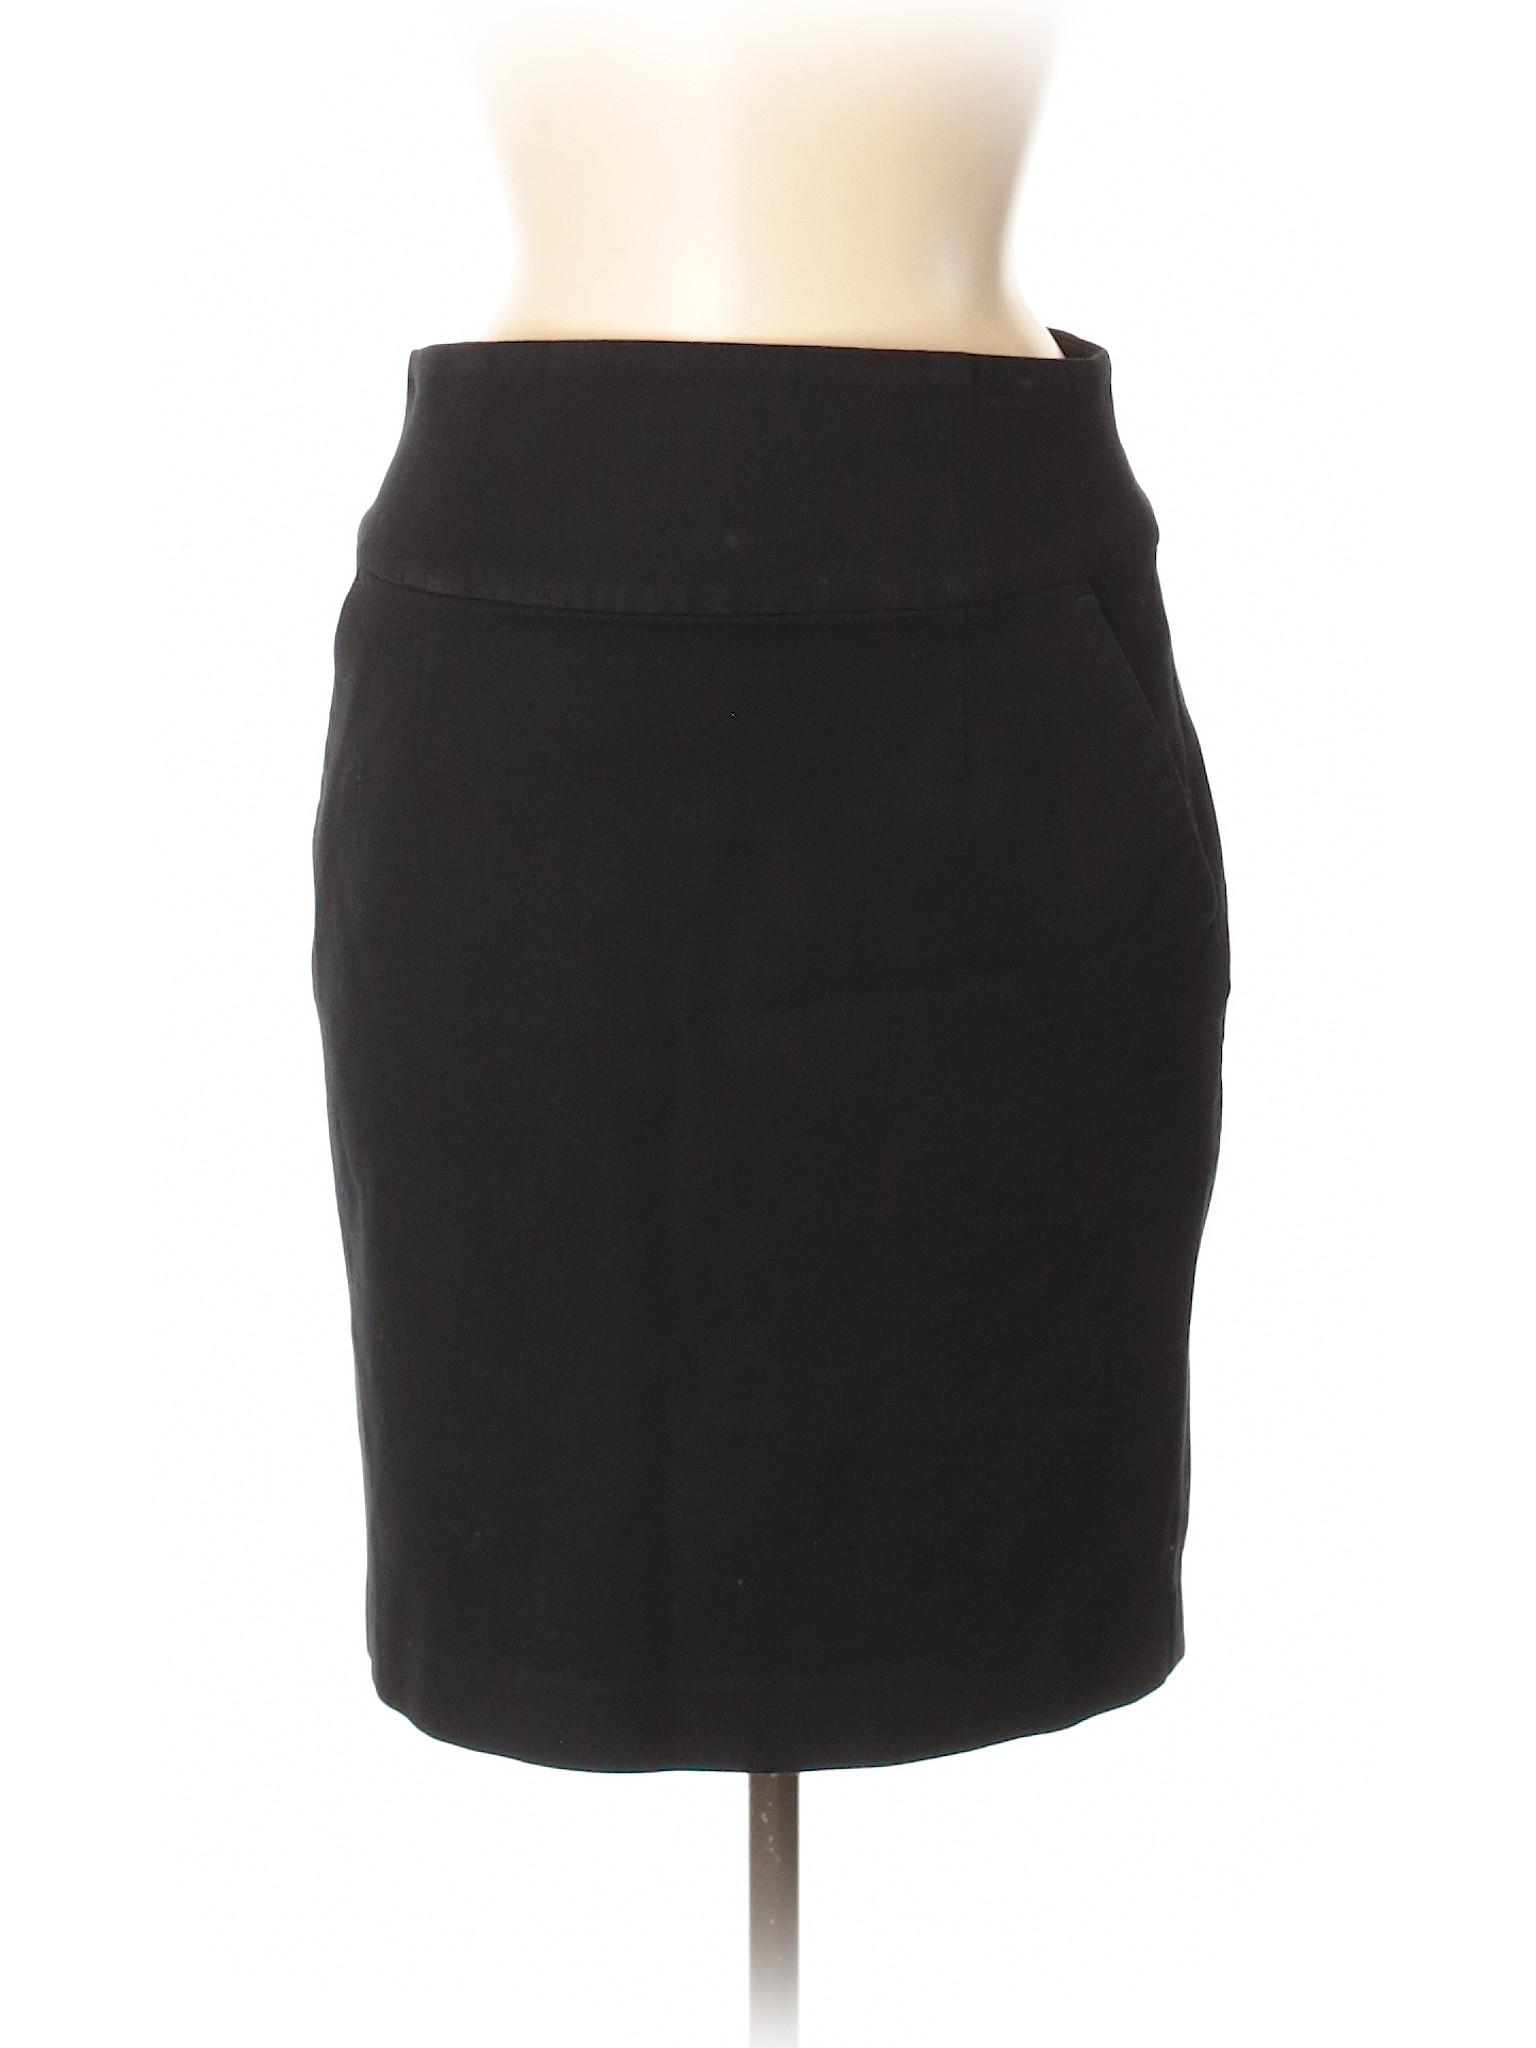 Boutique Casual Skirt Boutique Casual Casual Boutique Skirt 8wqEPEI